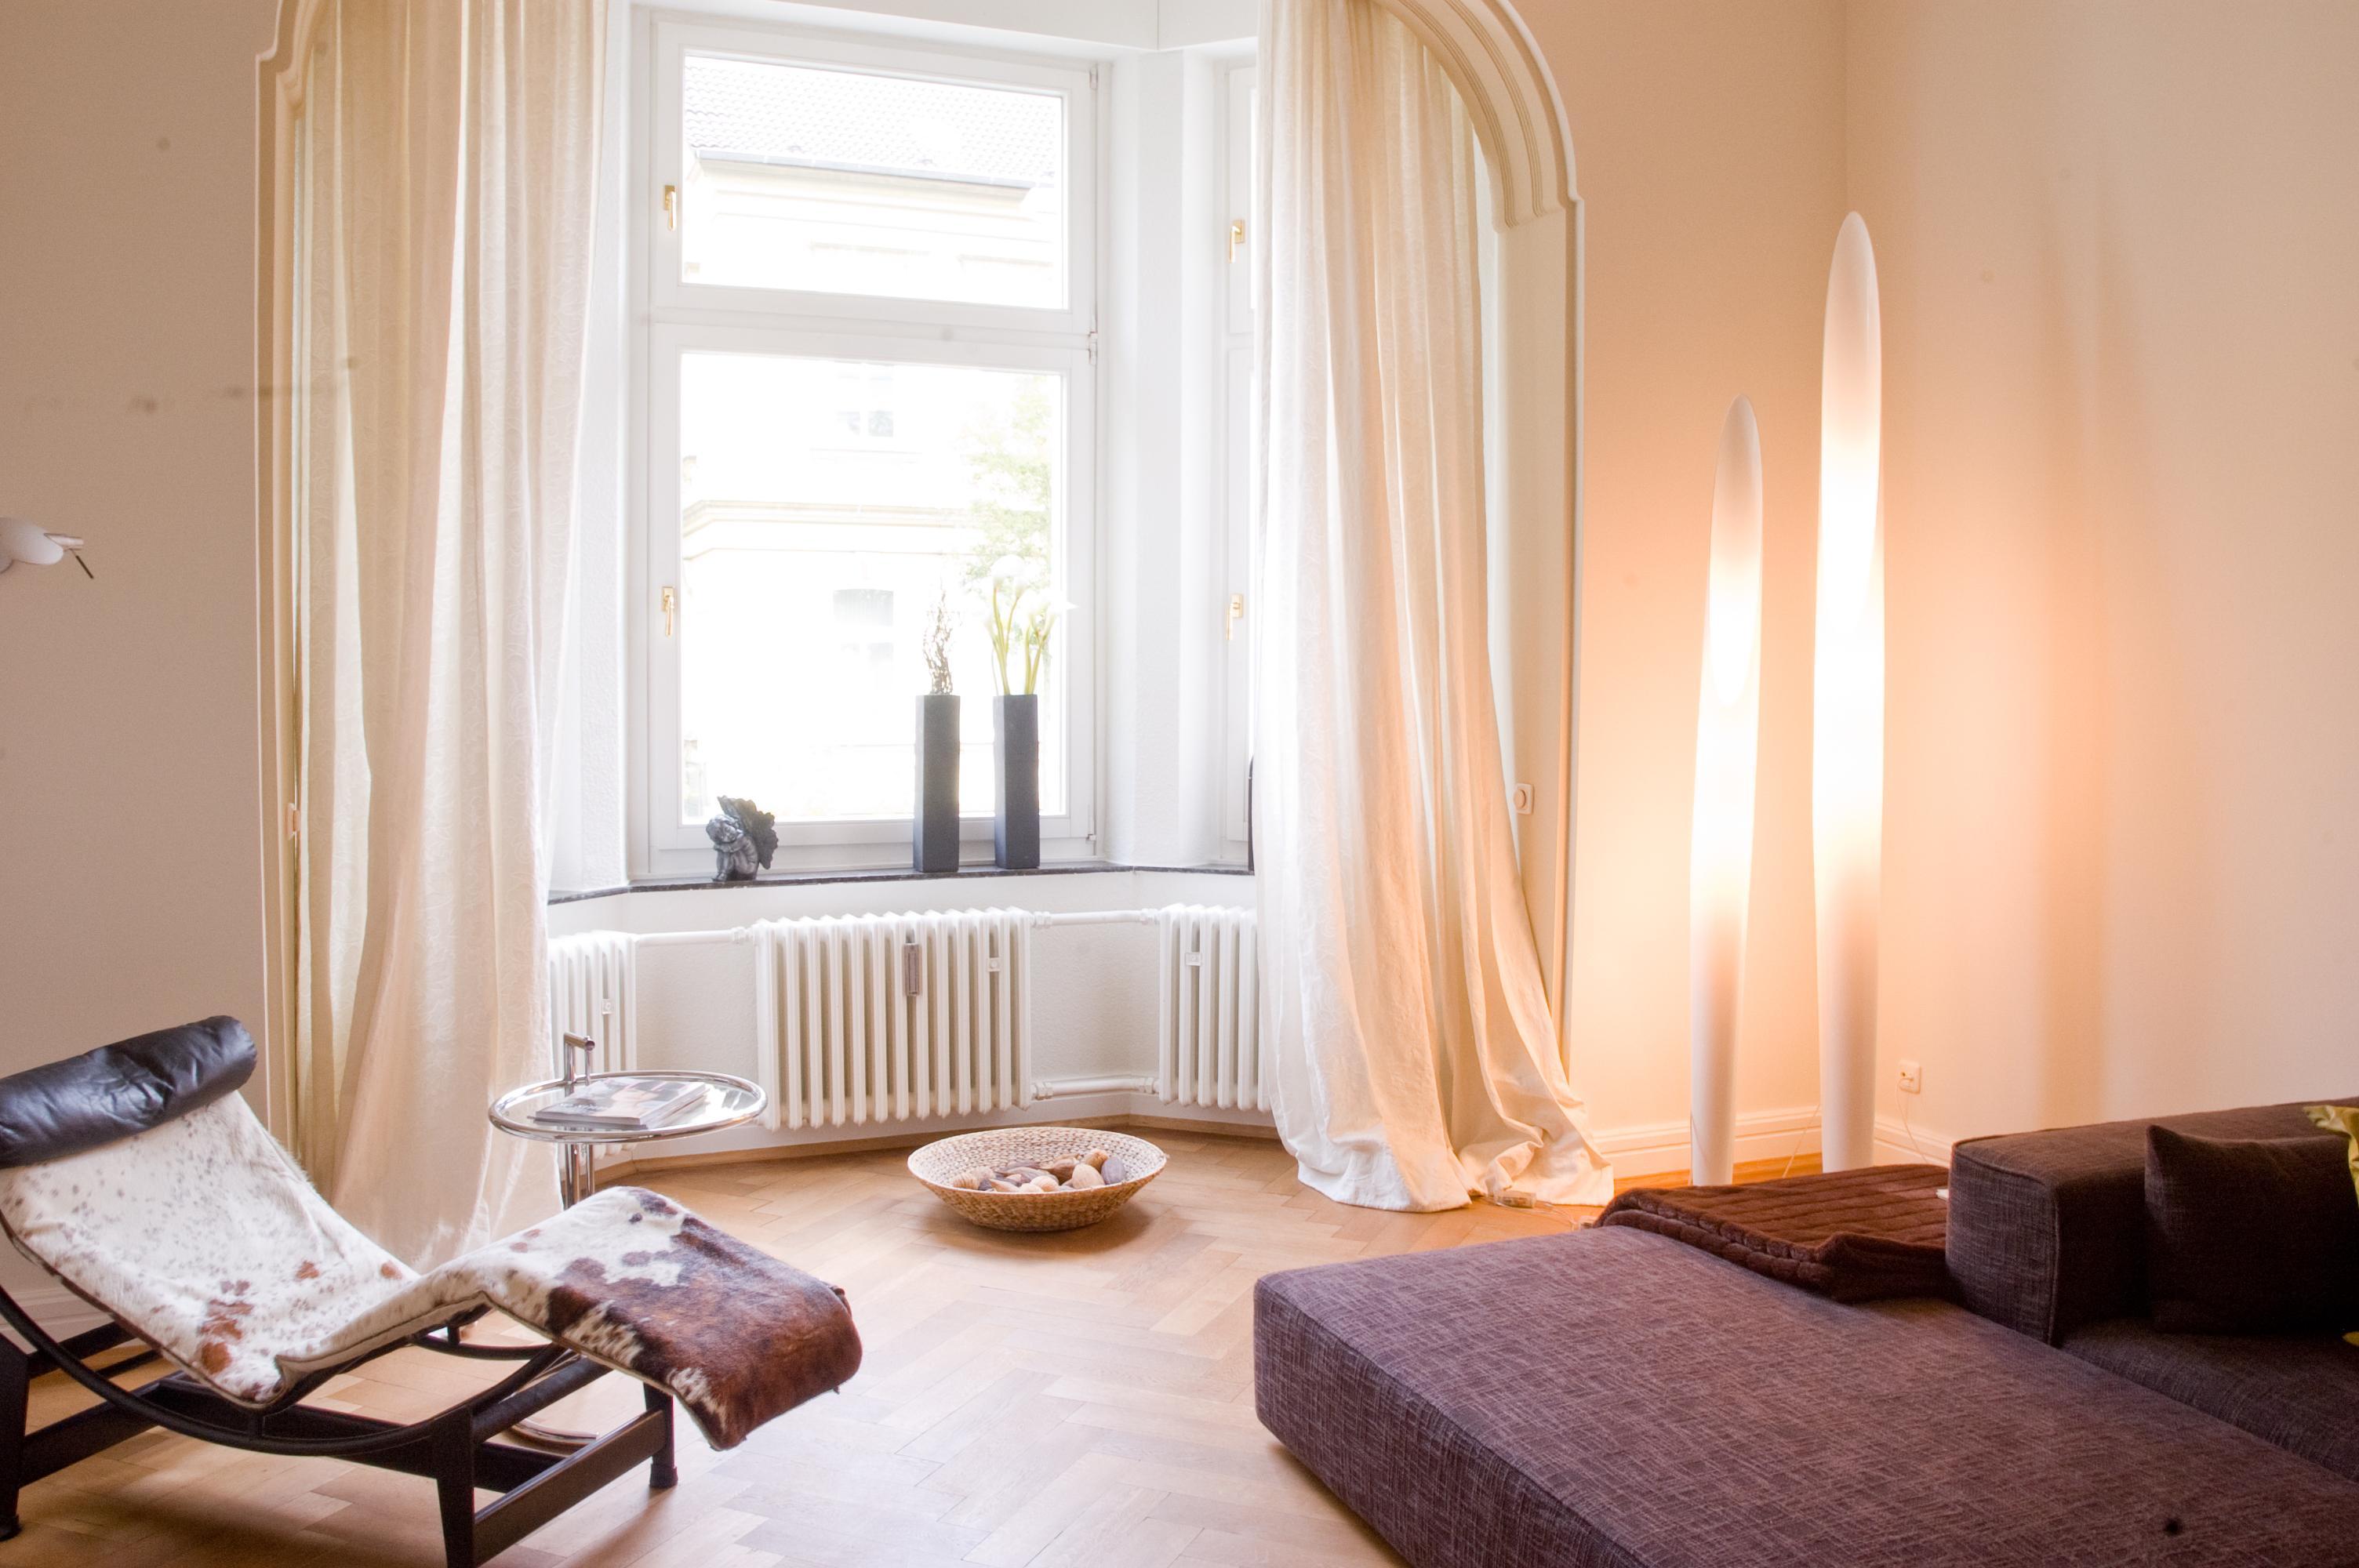 Wohnzimmer Lampen Sofa Lampe Liegestuhl CLuna Homestaging